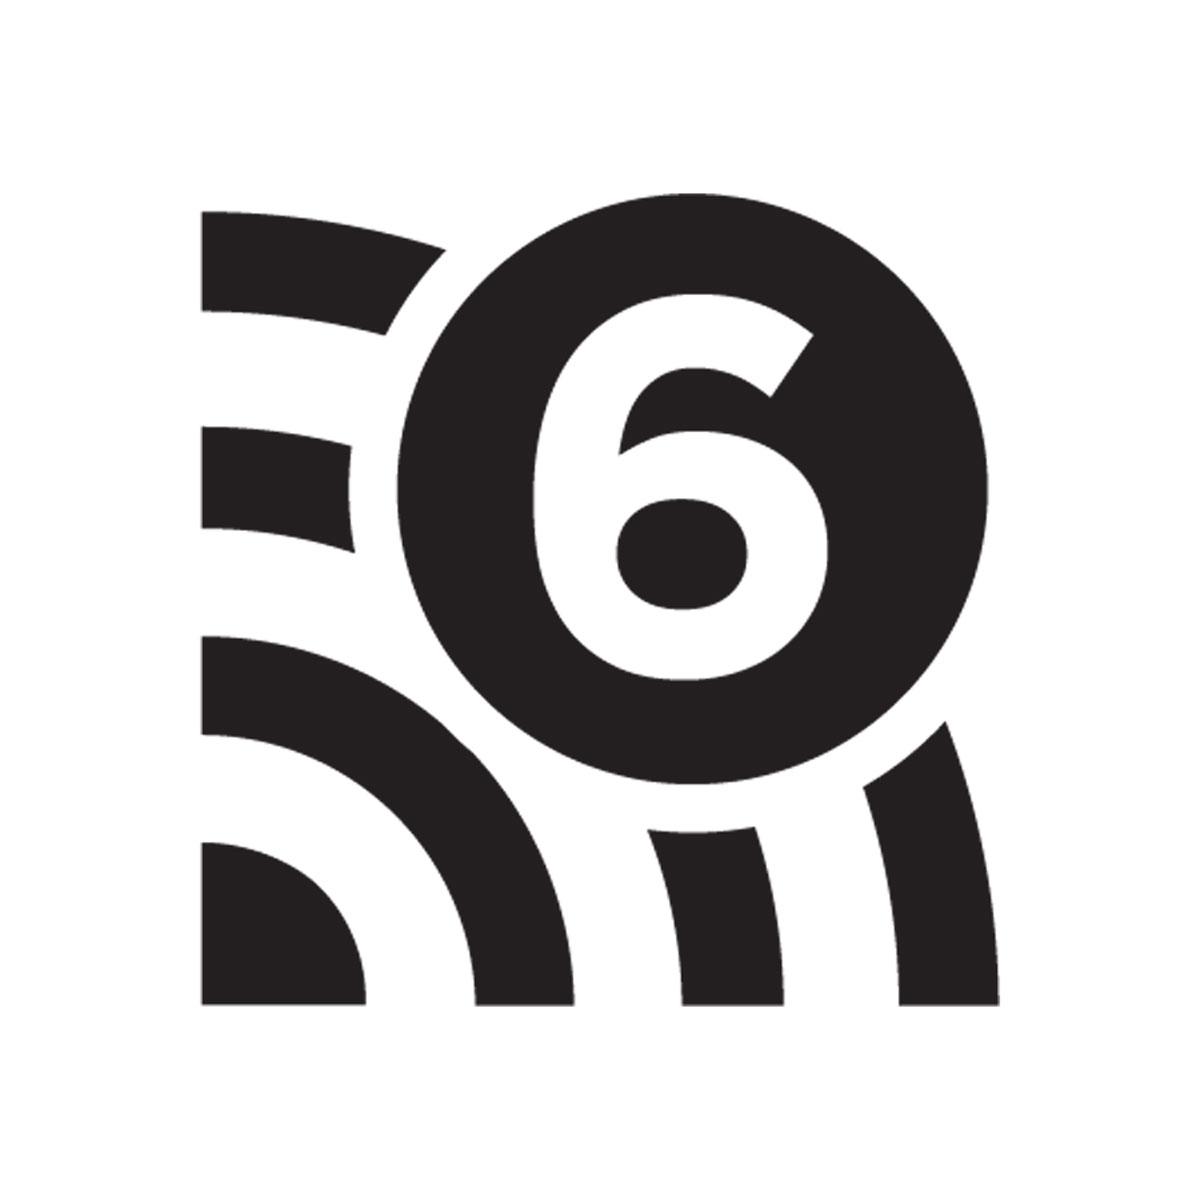 次世代Wi-Fi規格「Wi-Fi 6」って何だ?